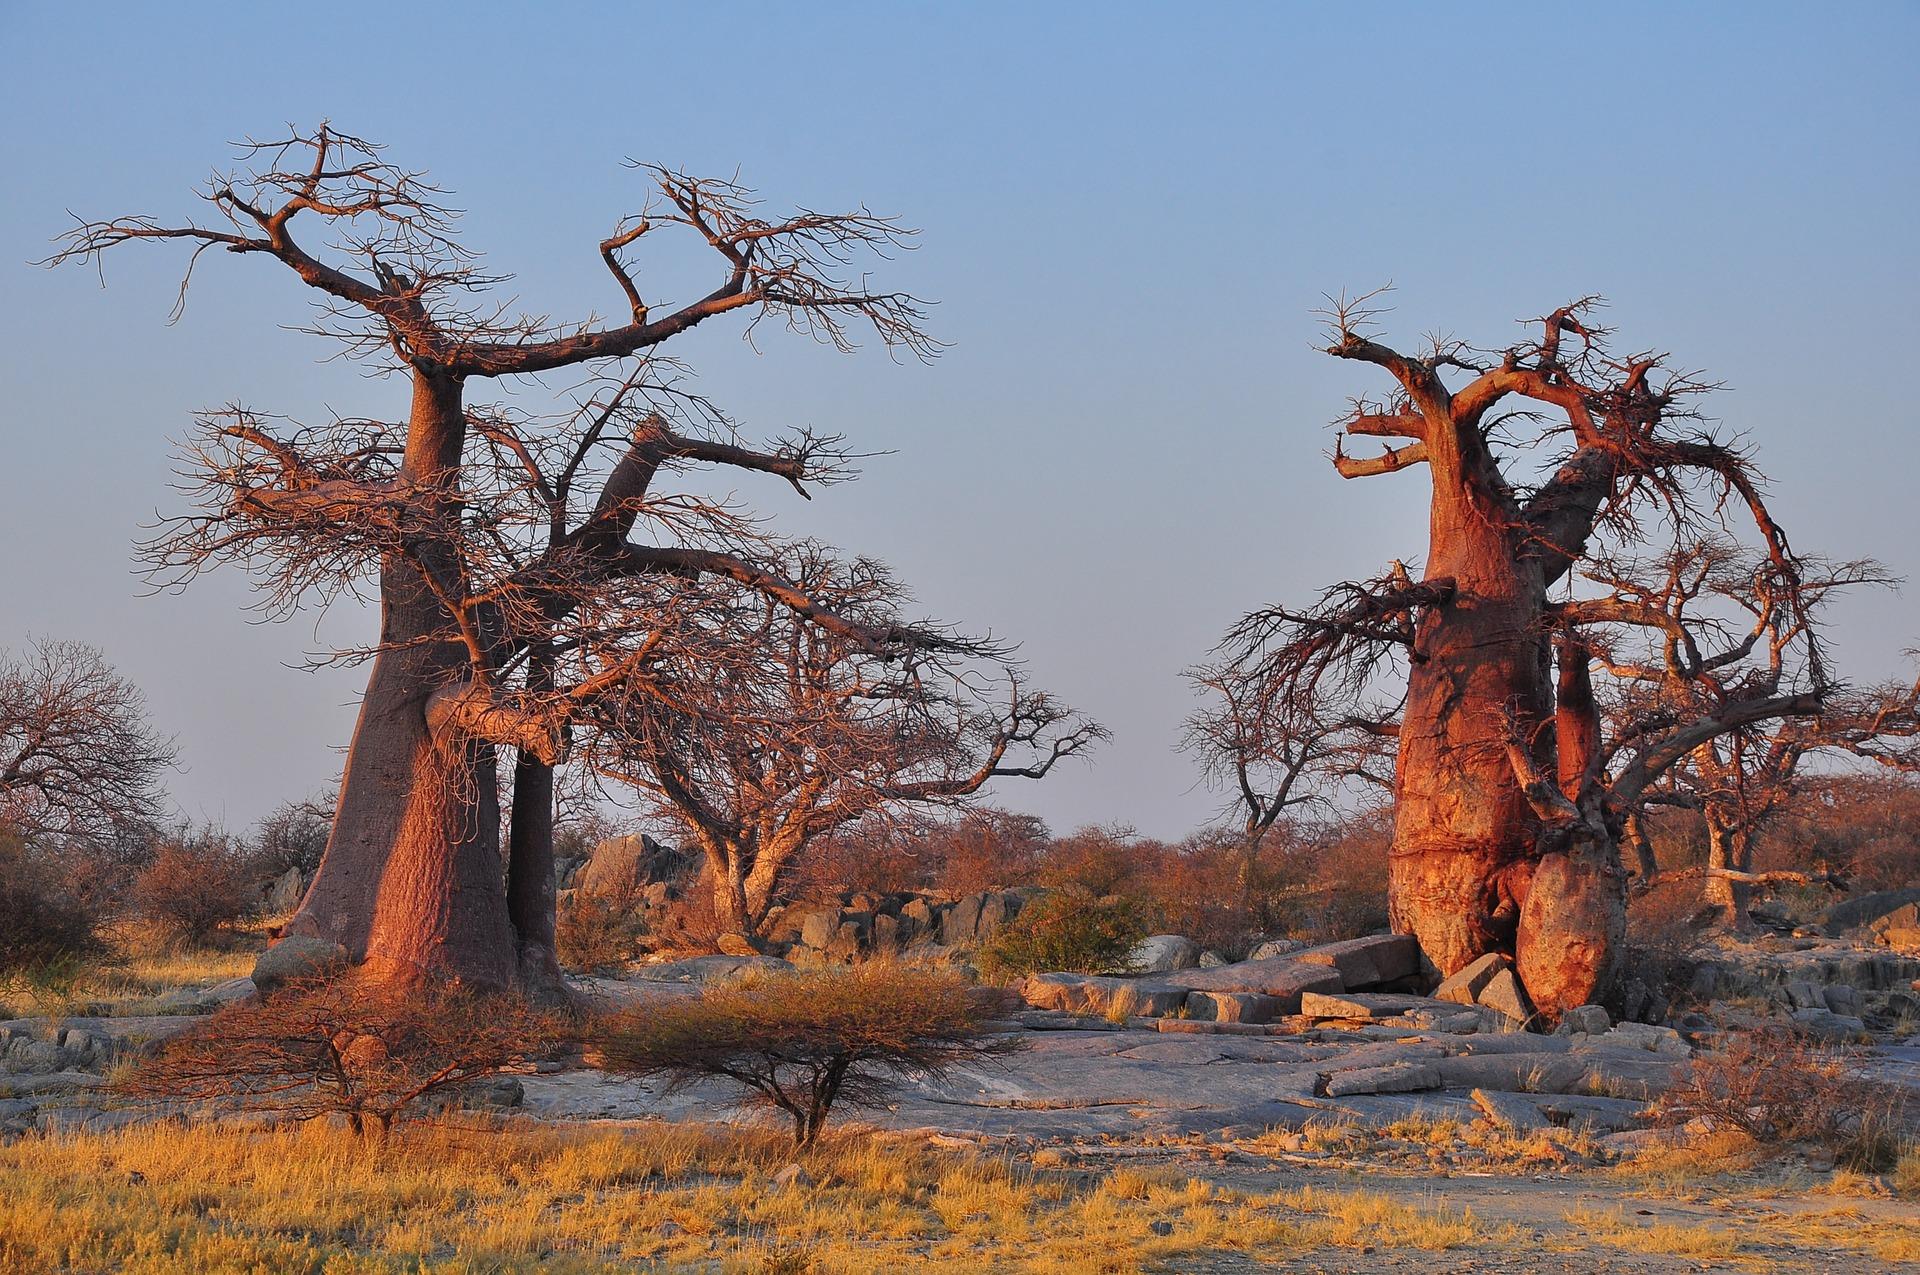 foret de baobab à Madagascar